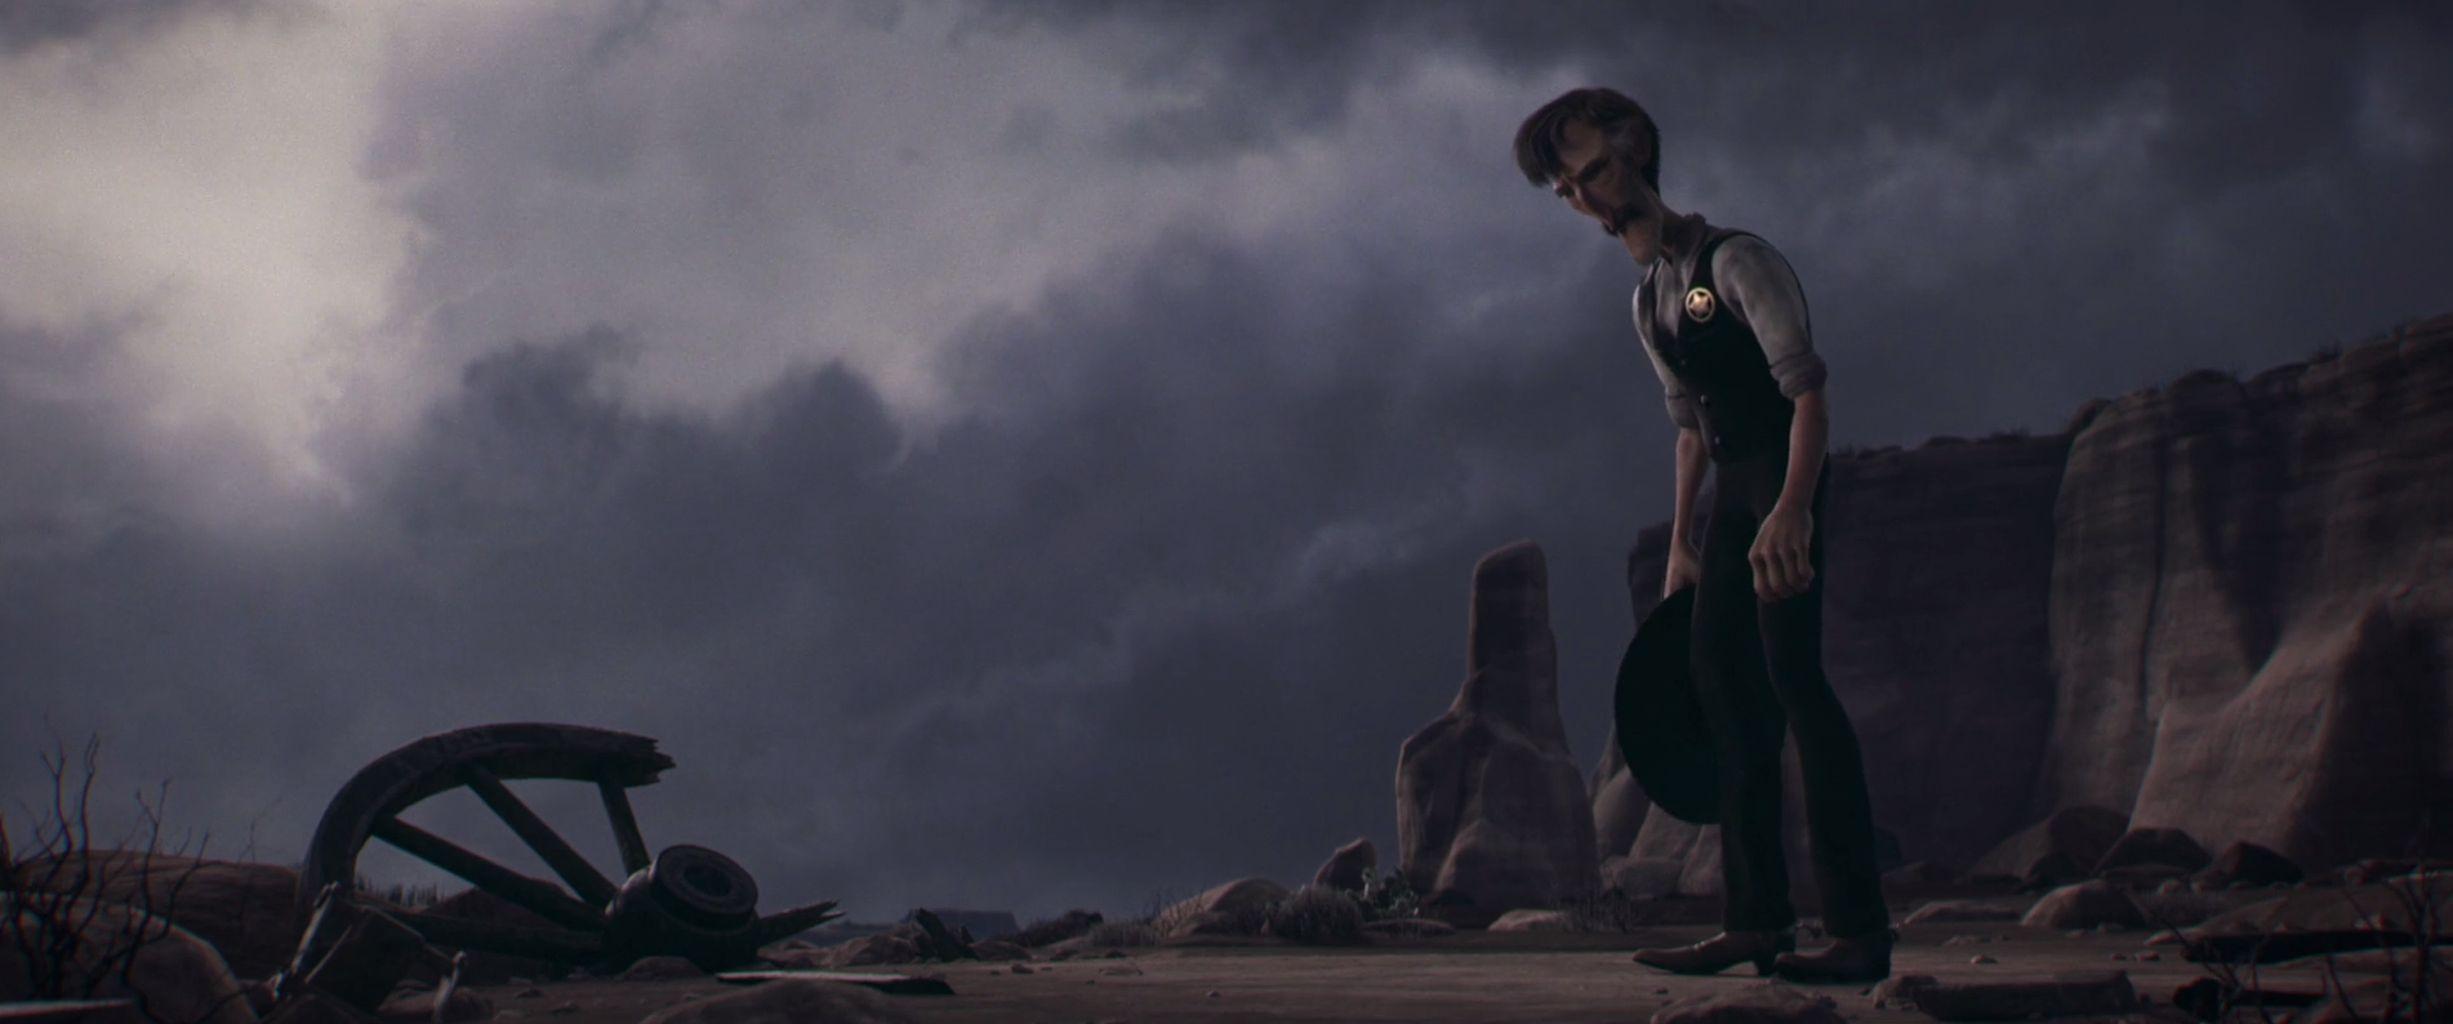 Deux artistes de Pixar réalisent un court-métrage aussi beau que sombre